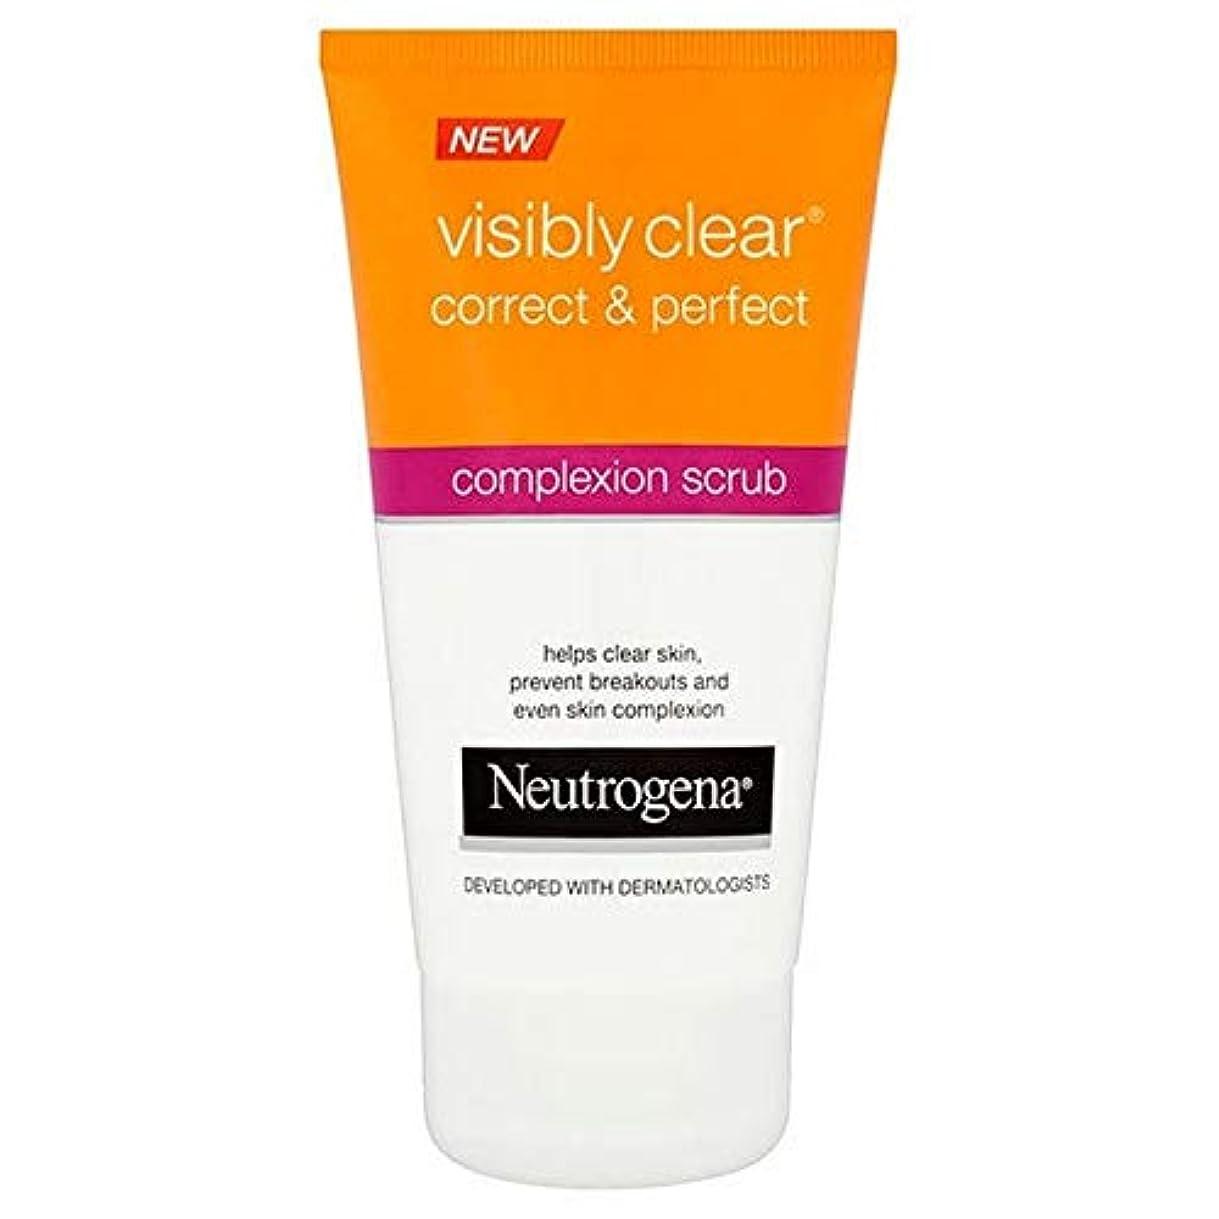 納税者お呼び起こす[Neutrogena] ニュートロジーナ目に見えて明らかに正しいと完璧な顔色スクラブ - Neutrogena Visibly Clear Correct & Perfect Complexion Scrub [並行輸入品]